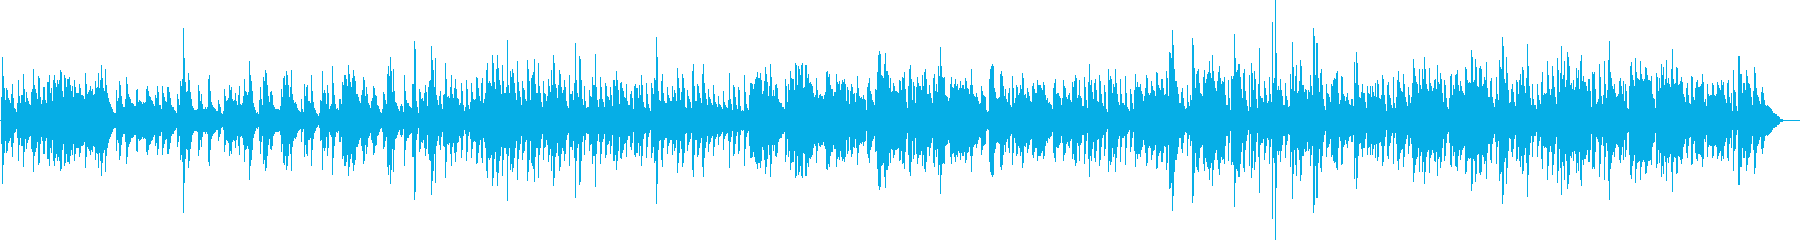 愛しい人を想い奏でるムーンライトジャズの再生済みの波形